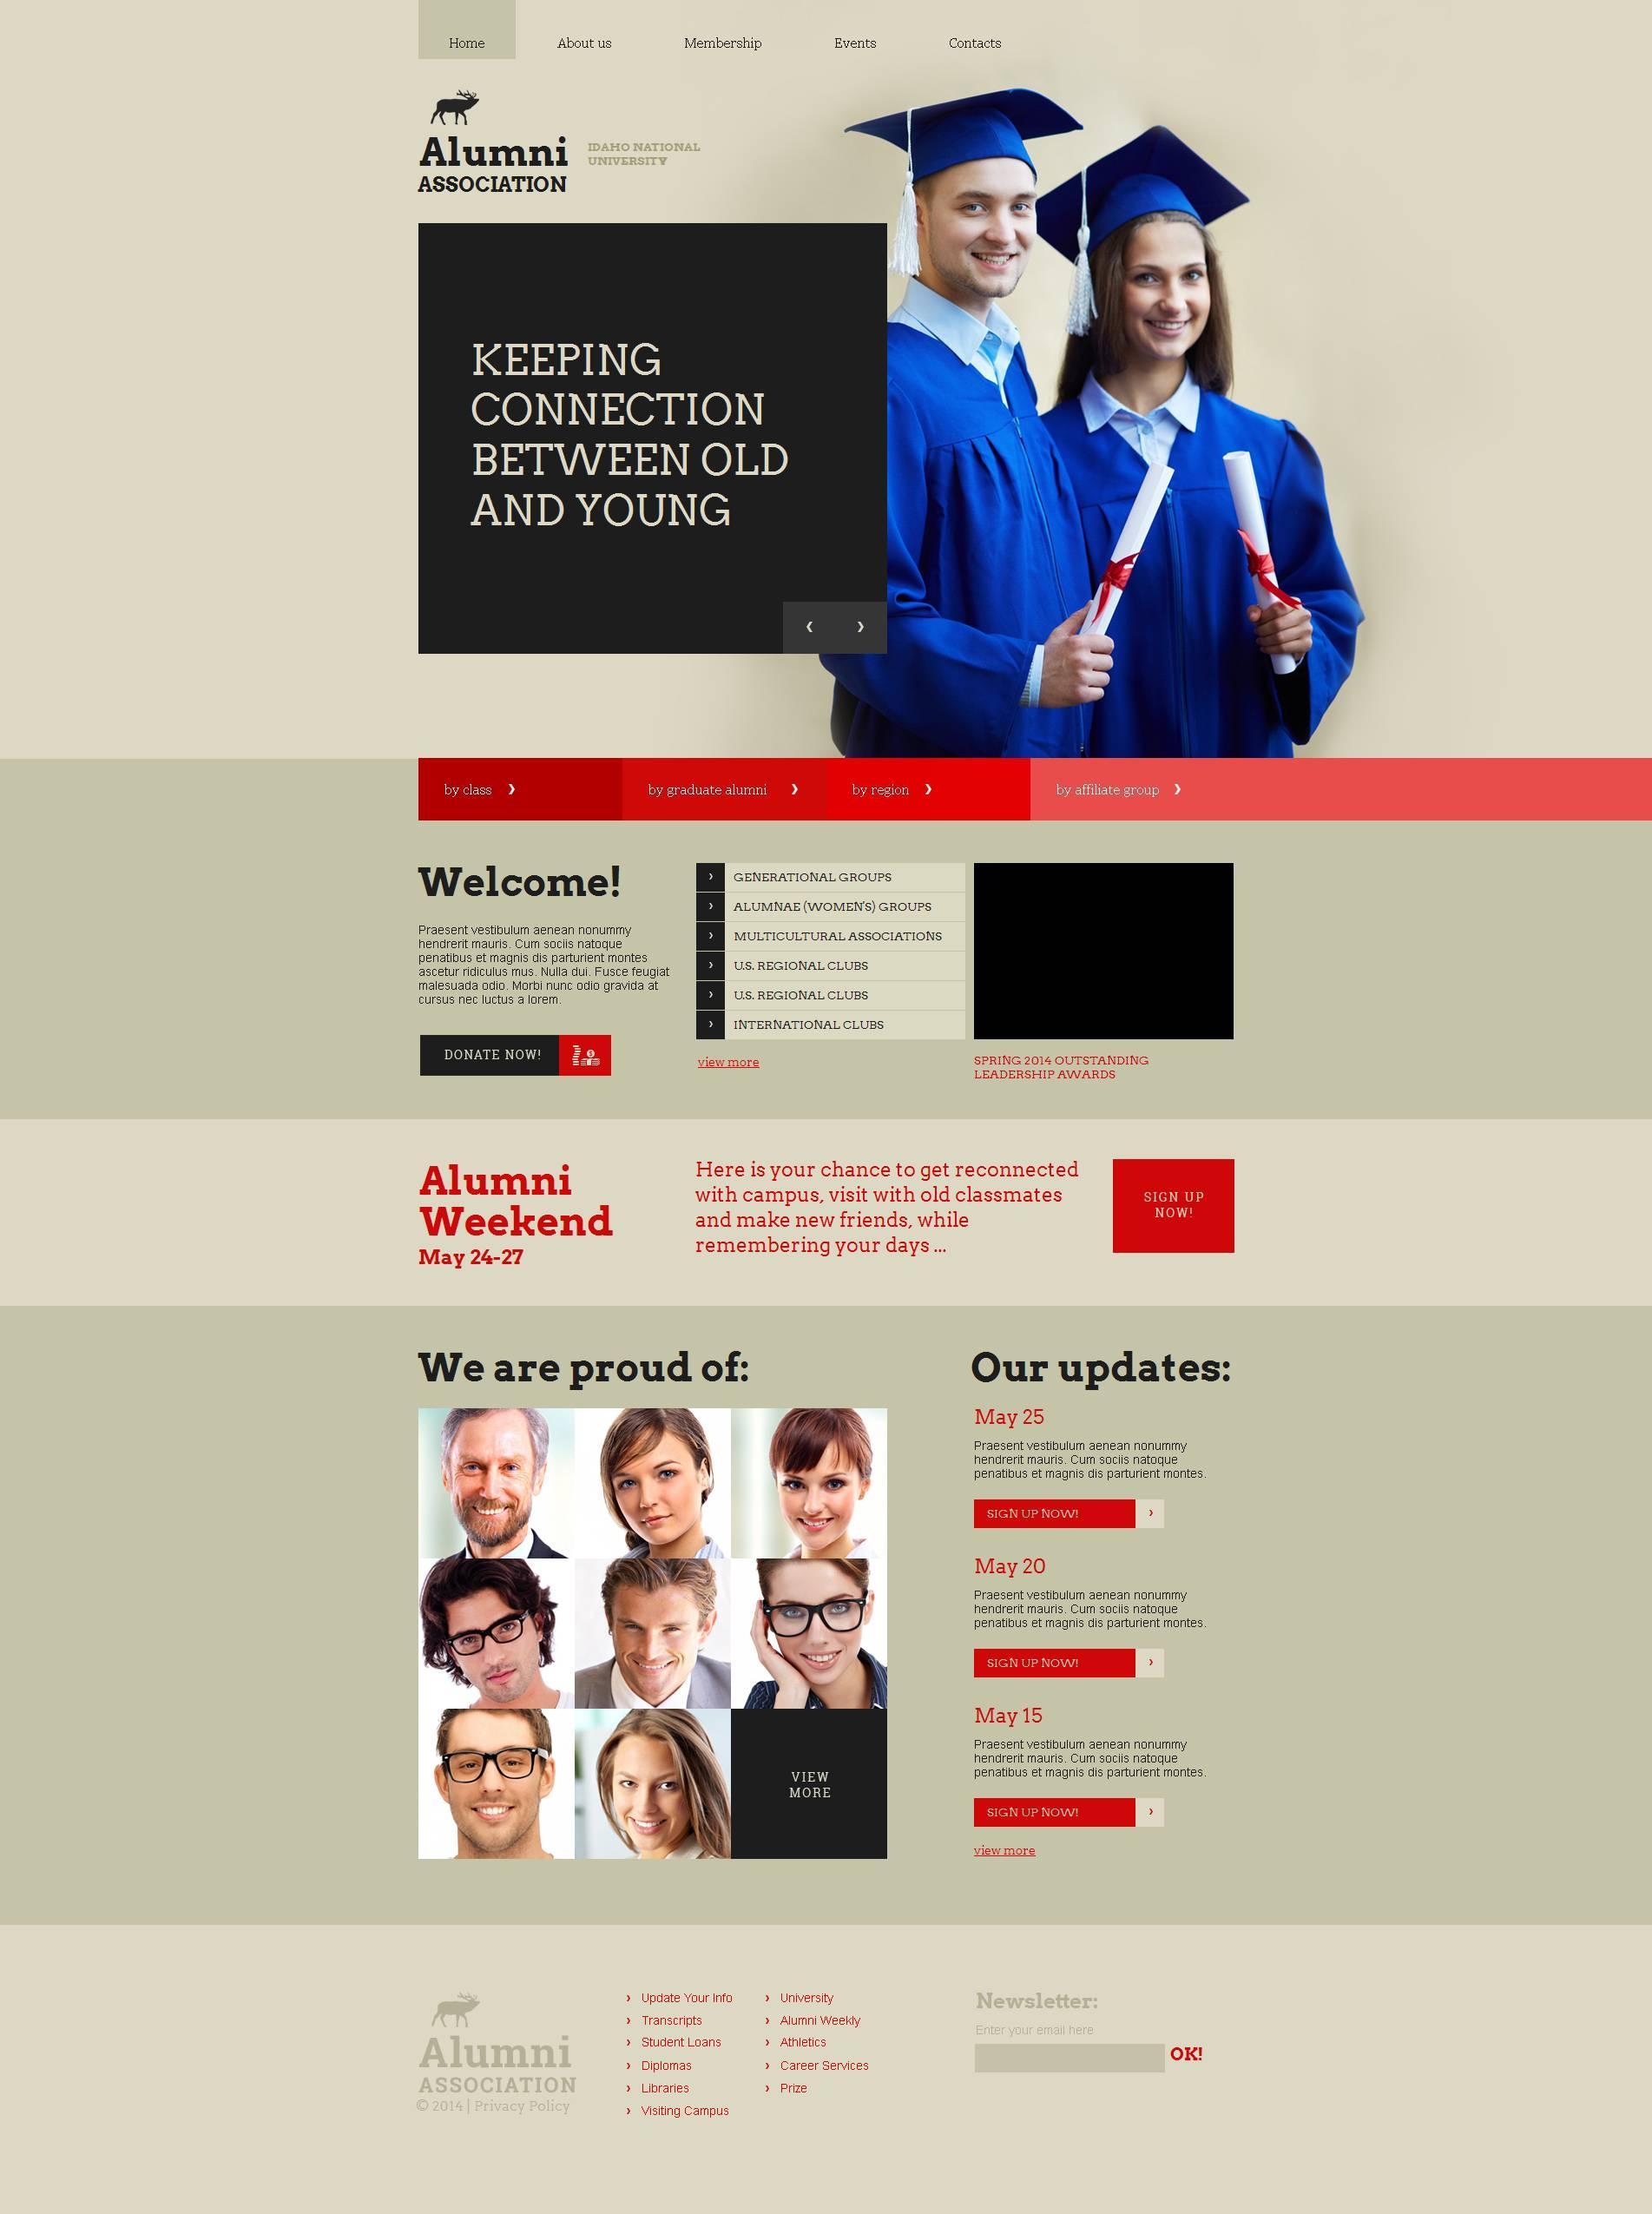 Alumni Association Website Template